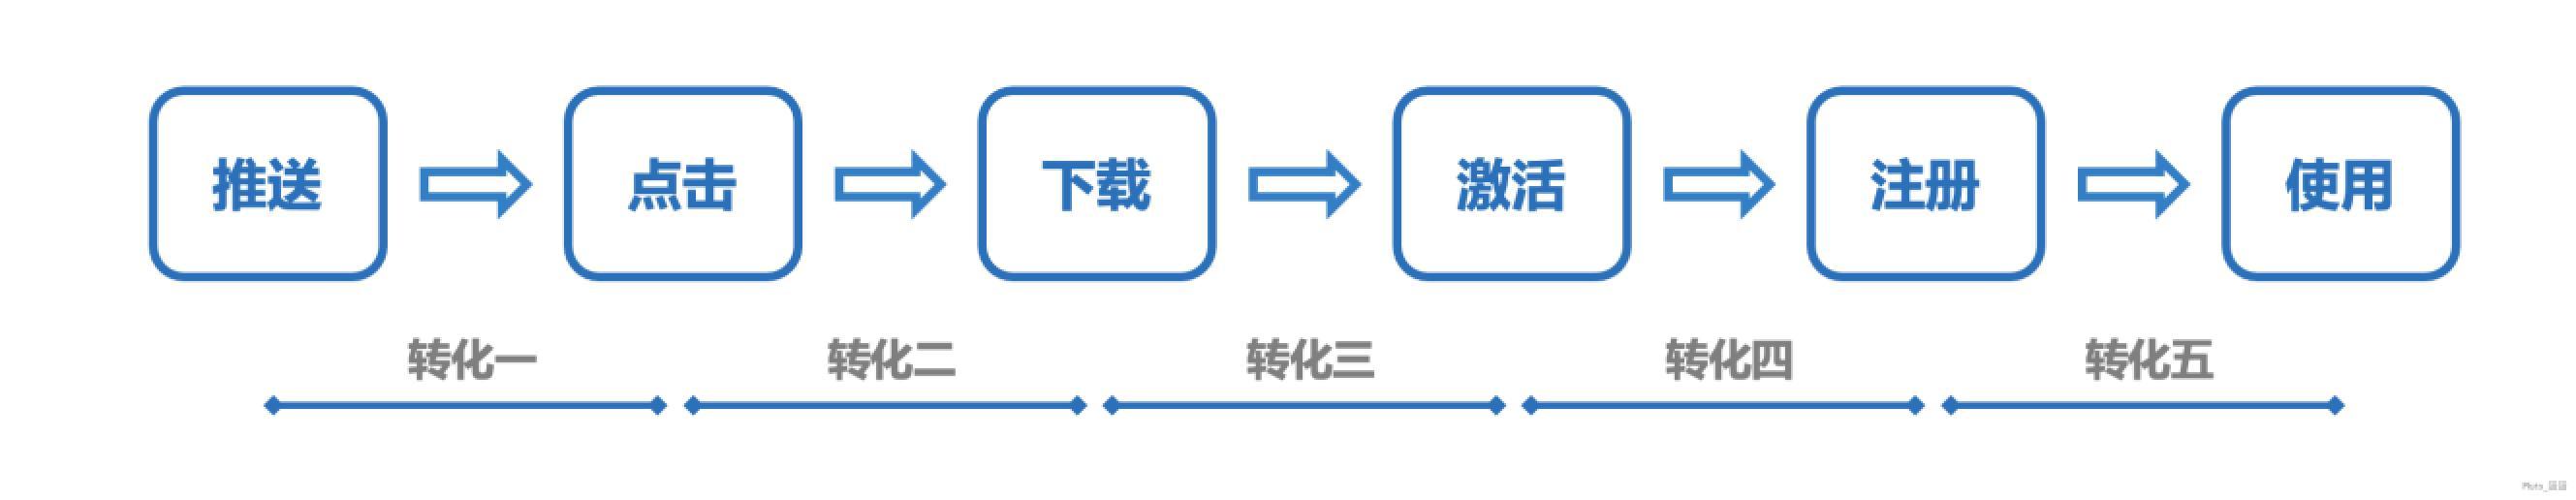 用户运营之道:如何深挖推送的价值——极光UMS产品体验